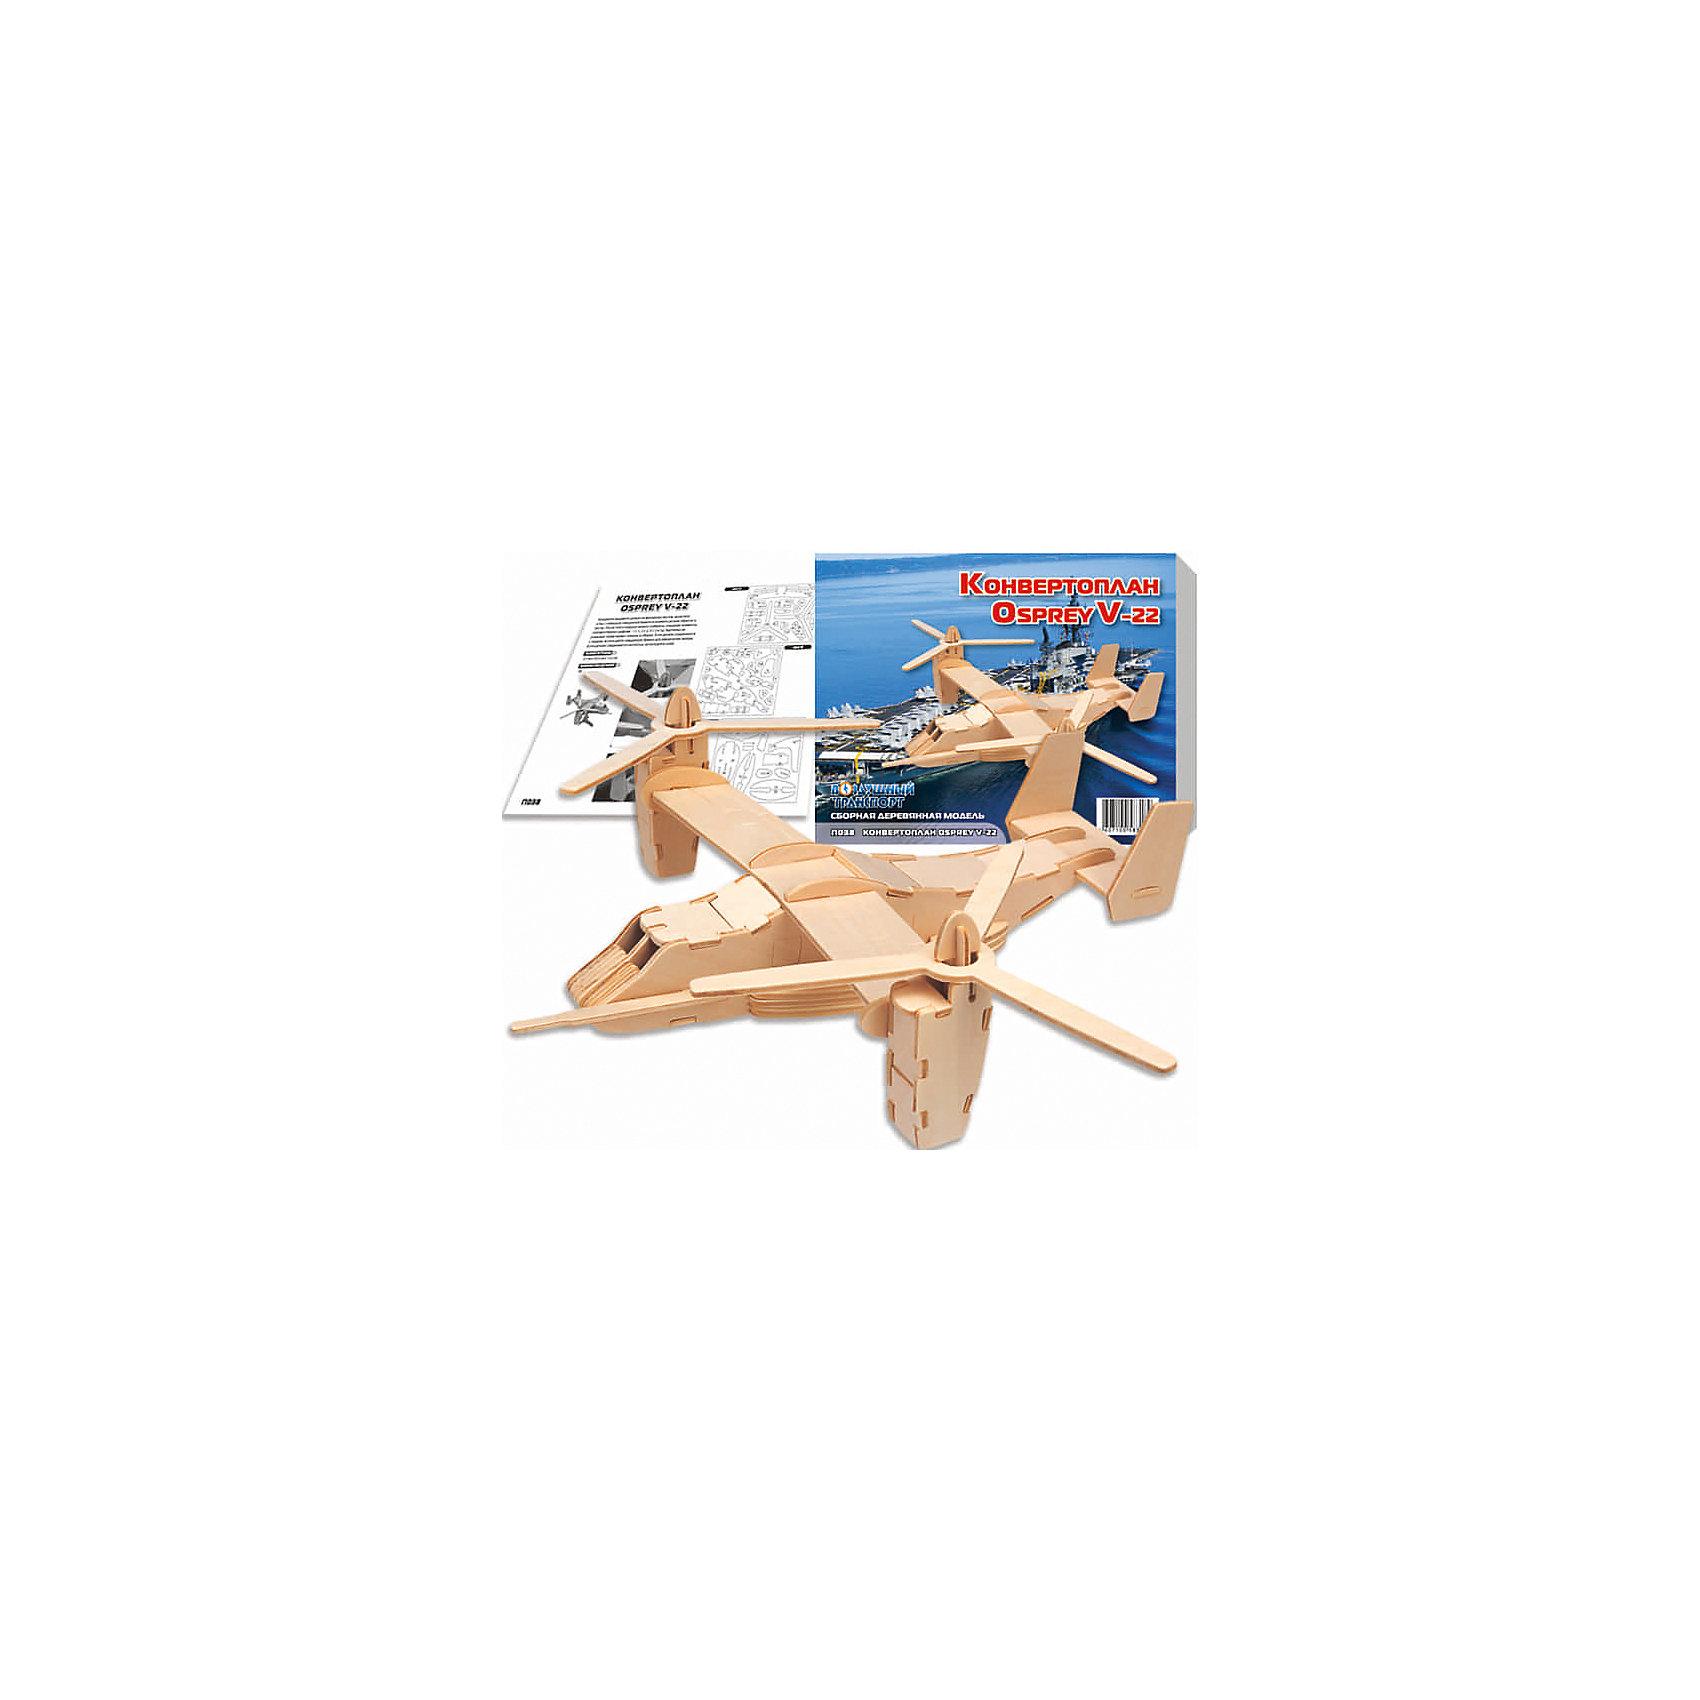 Конвертоплан, Мир деревянных игрушекОтличный вариант подарка для любящего технику творческого ребенка - этот набор, из которого можно самому сделать красивую деревянную фигуру! Для этого нужно выдавить из пластины с деталями элементы для сборки и соединить их. Из наборов получаются красивые очень реалистичные игрушки, которые могут стать украшением комнаты.<br>Собирая их, ребенок будет развивать пространственное мышление, память и мелкую моторику. А раскрашивая готовое произведение, дети научатся подбирать цвета и будут развивать художественные навыки. Этот набор произведен из качественных и безопасных для детей материалов - дерево тщательно обработано.<br><br>Дополнительная информация:<br><br>материал: дерево;<br>цвет: бежевый;<br>элементы: пластины с деталями для сборки, схема сборки;<br>размер упаковки: 23 х 18 см.<br><br>3D-пазл Конвертоплан от бренда Мир деревянных игрушек можно купить в нашем магазине.<br><br>Ширина мм: 225<br>Глубина мм: 30<br>Высота мм: 180<br>Вес г: 9999<br>Возраст от месяцев: 36<br>Возраст до месяцев: 144<br>Пол: Унисекс<br>Возраст: Детский<br>SKU: 4969125